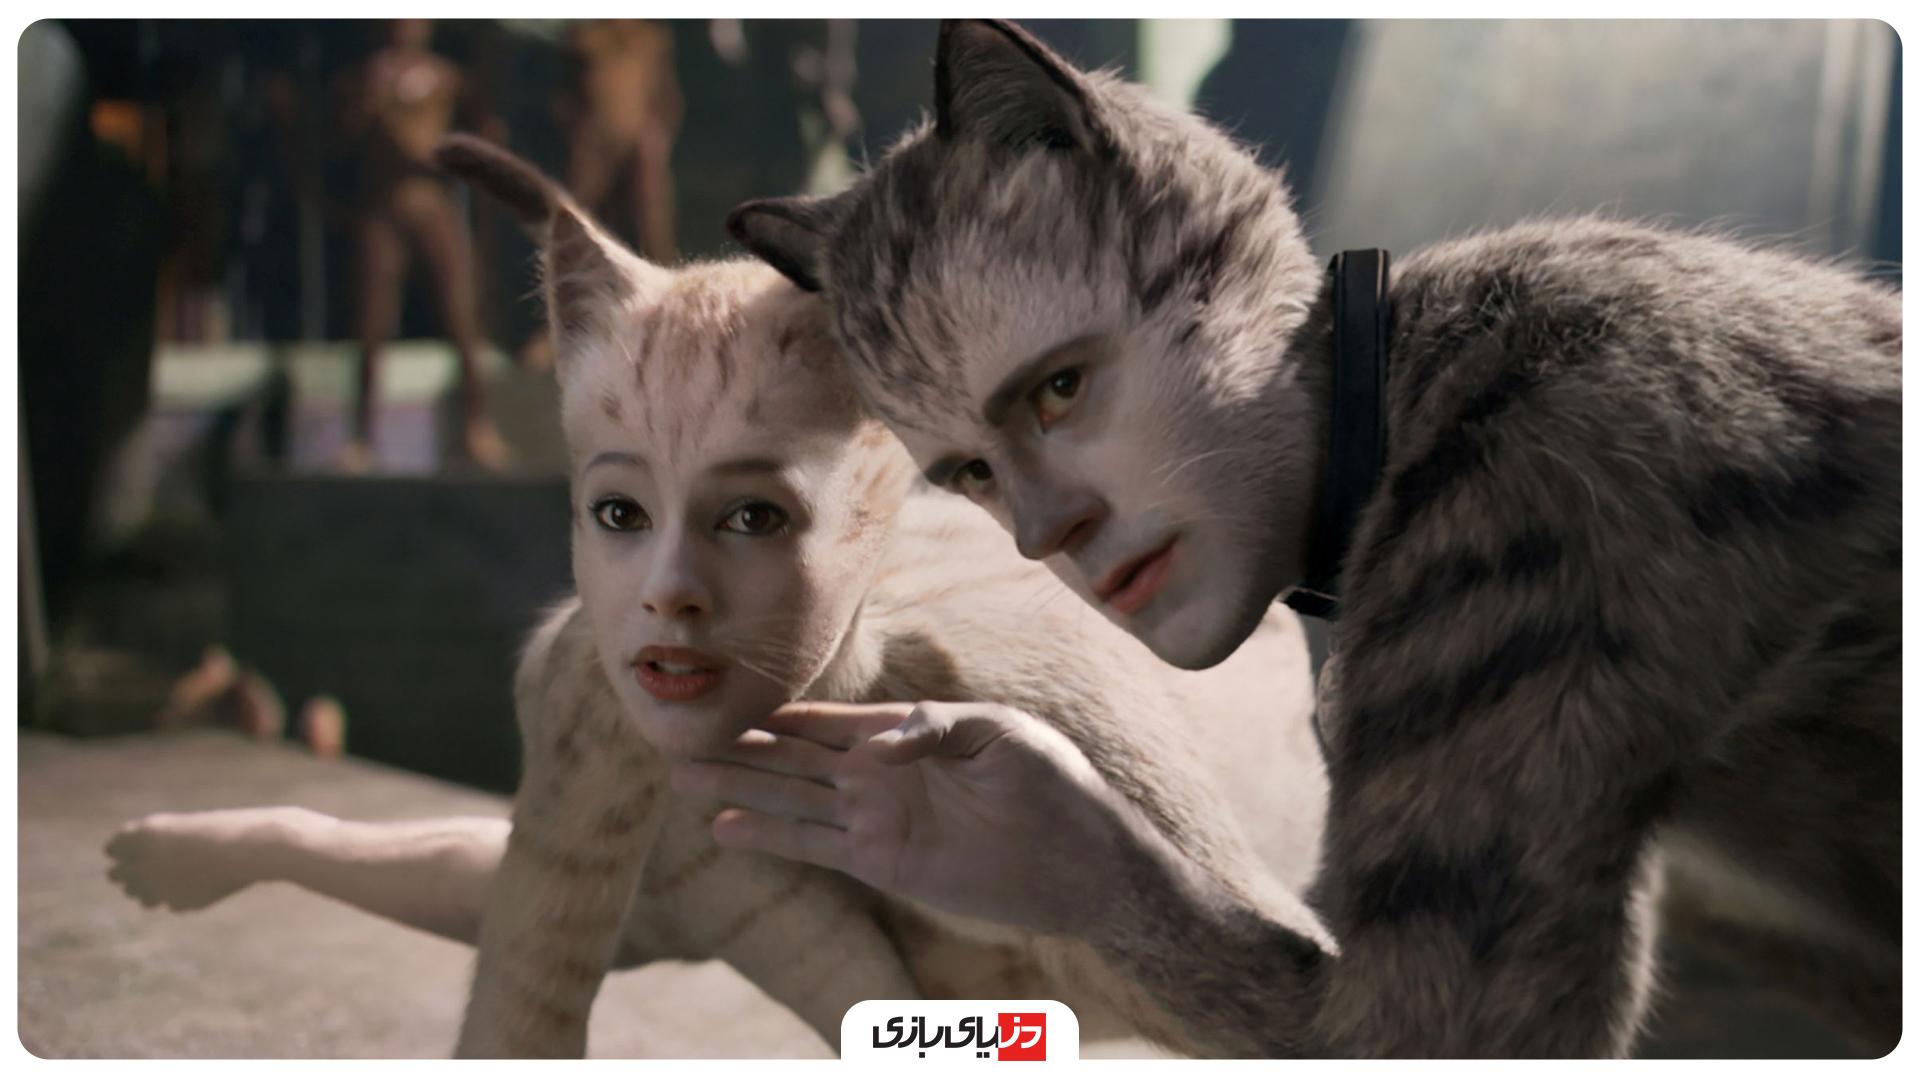 بررسی فیلم Cats